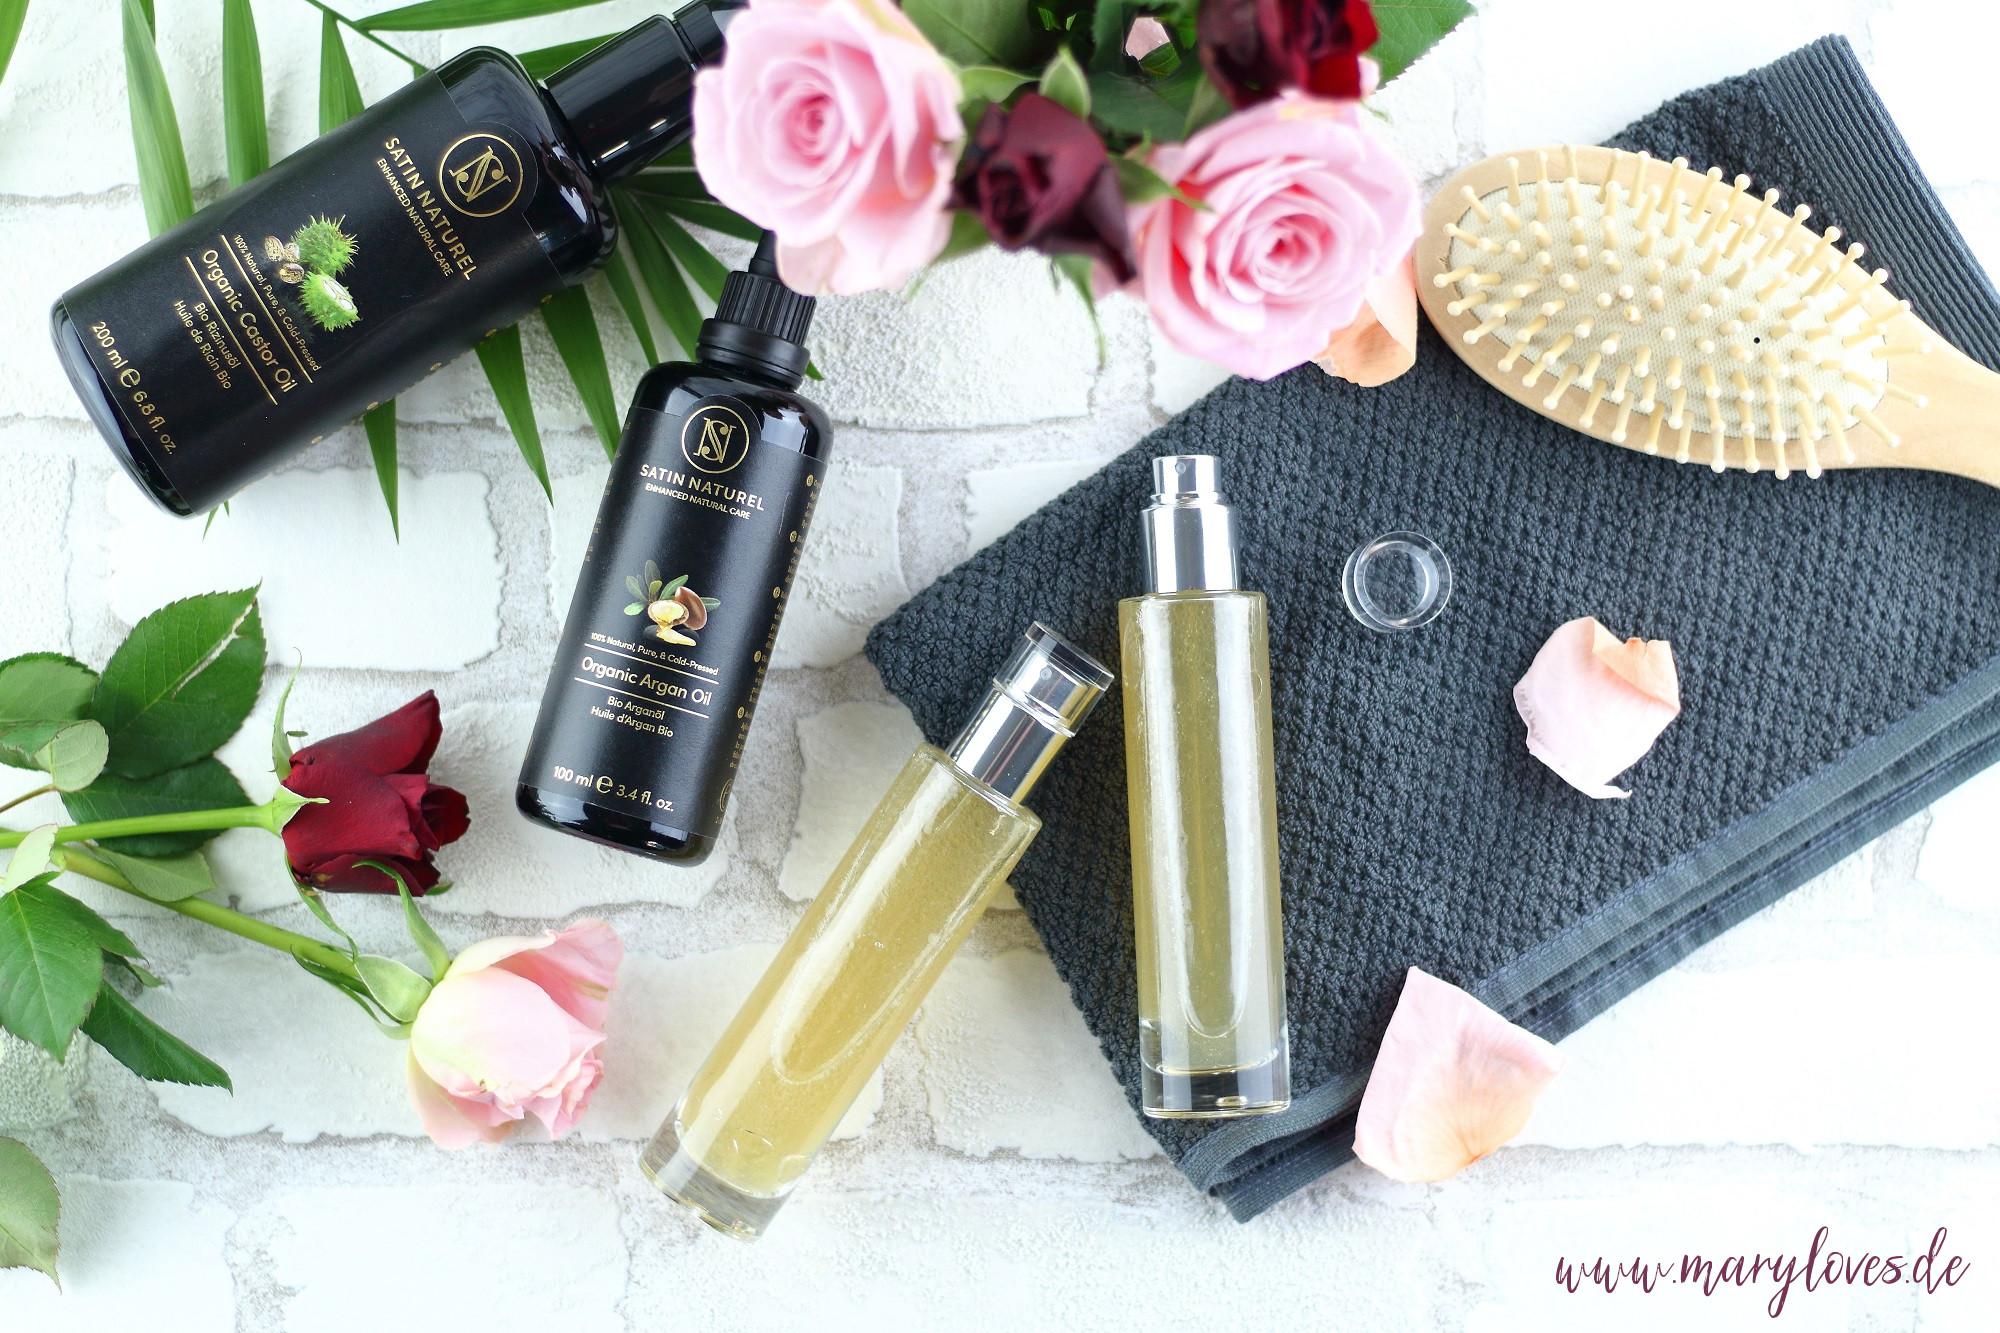 DIY - Beauty Kosmetik selber machen - cover